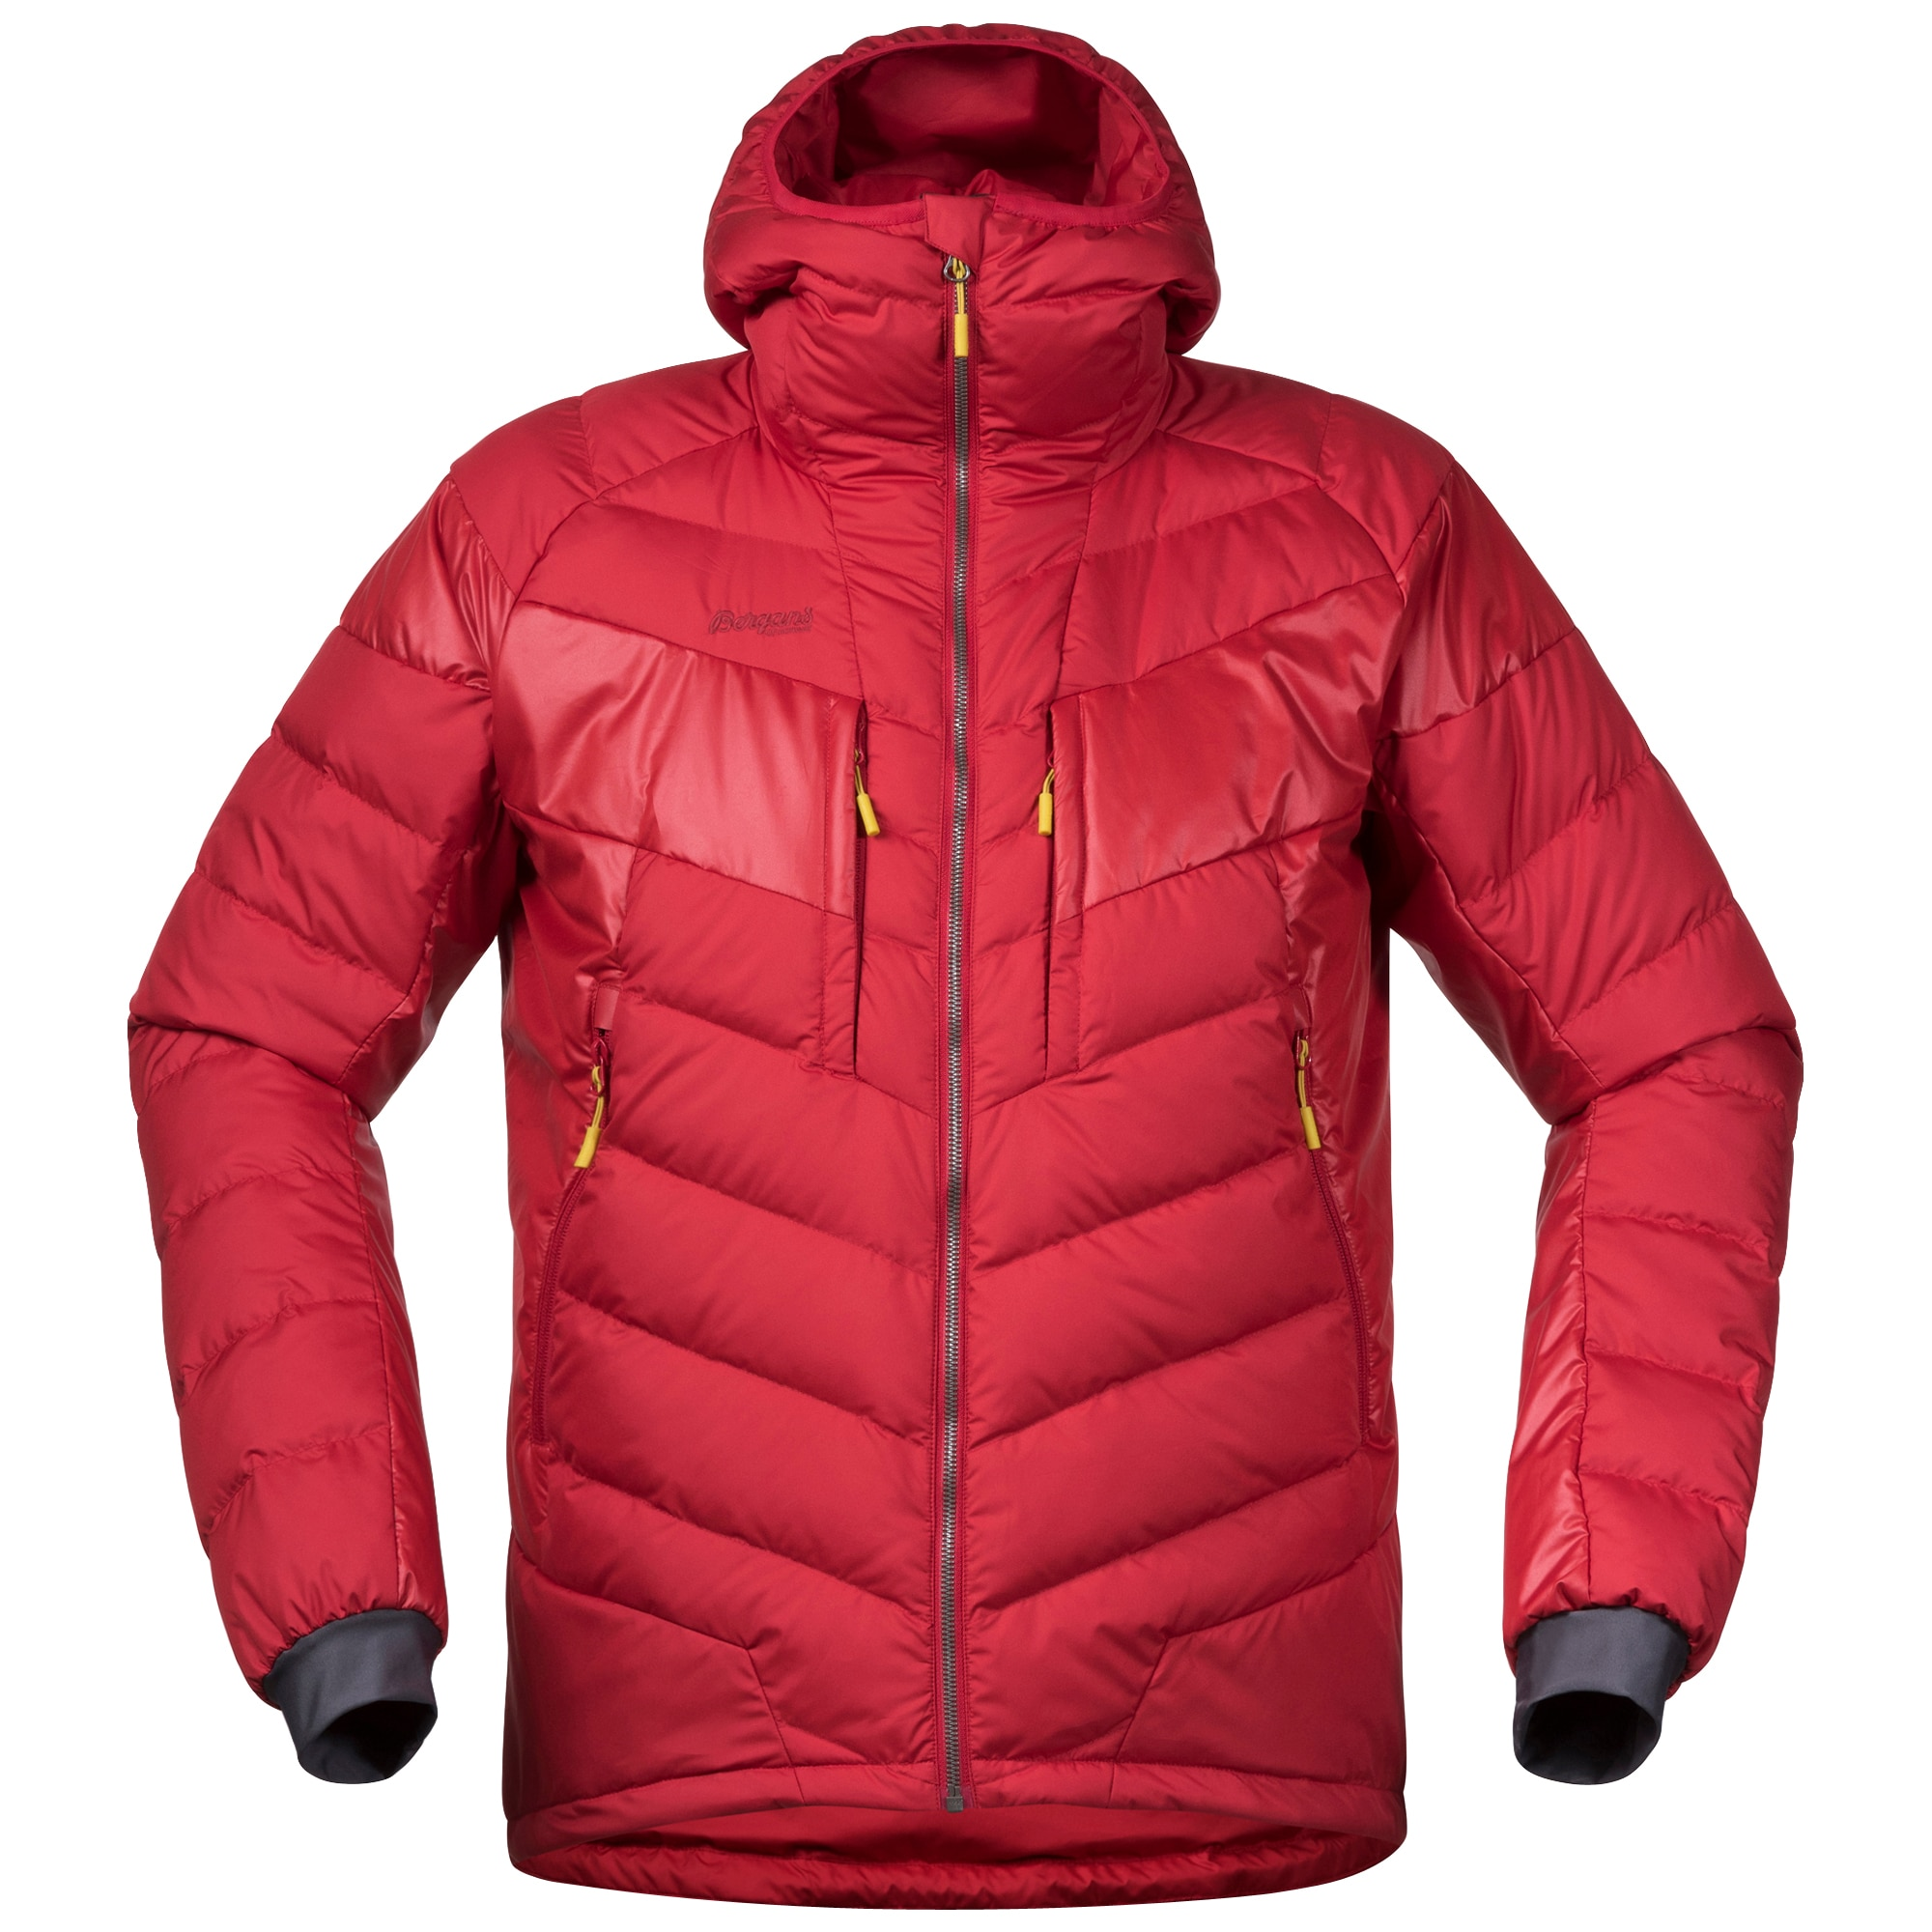 Nosi Hybrid Down Jacket